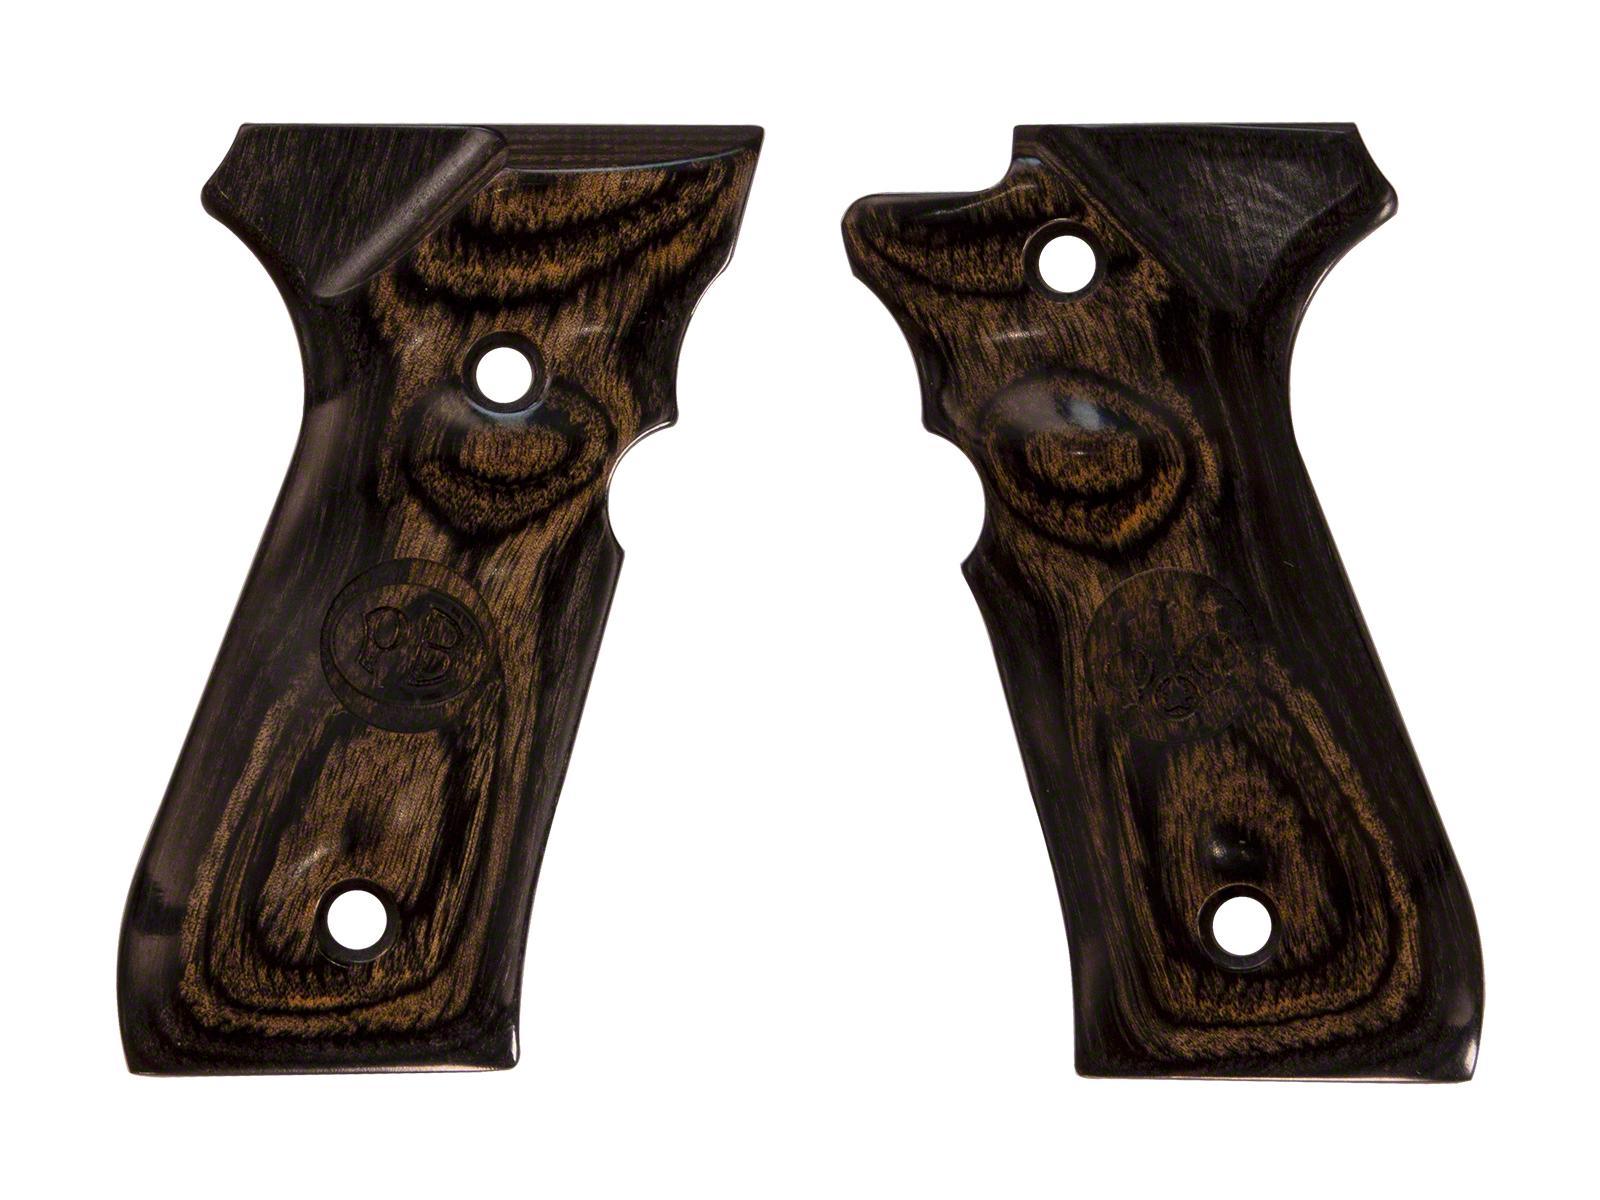 アルタモント ベレッタ M92F用 アルチマスムース ロゴ入り 木製グリップ 黒色(ブラック) <Altamont><Beretta><92FS>